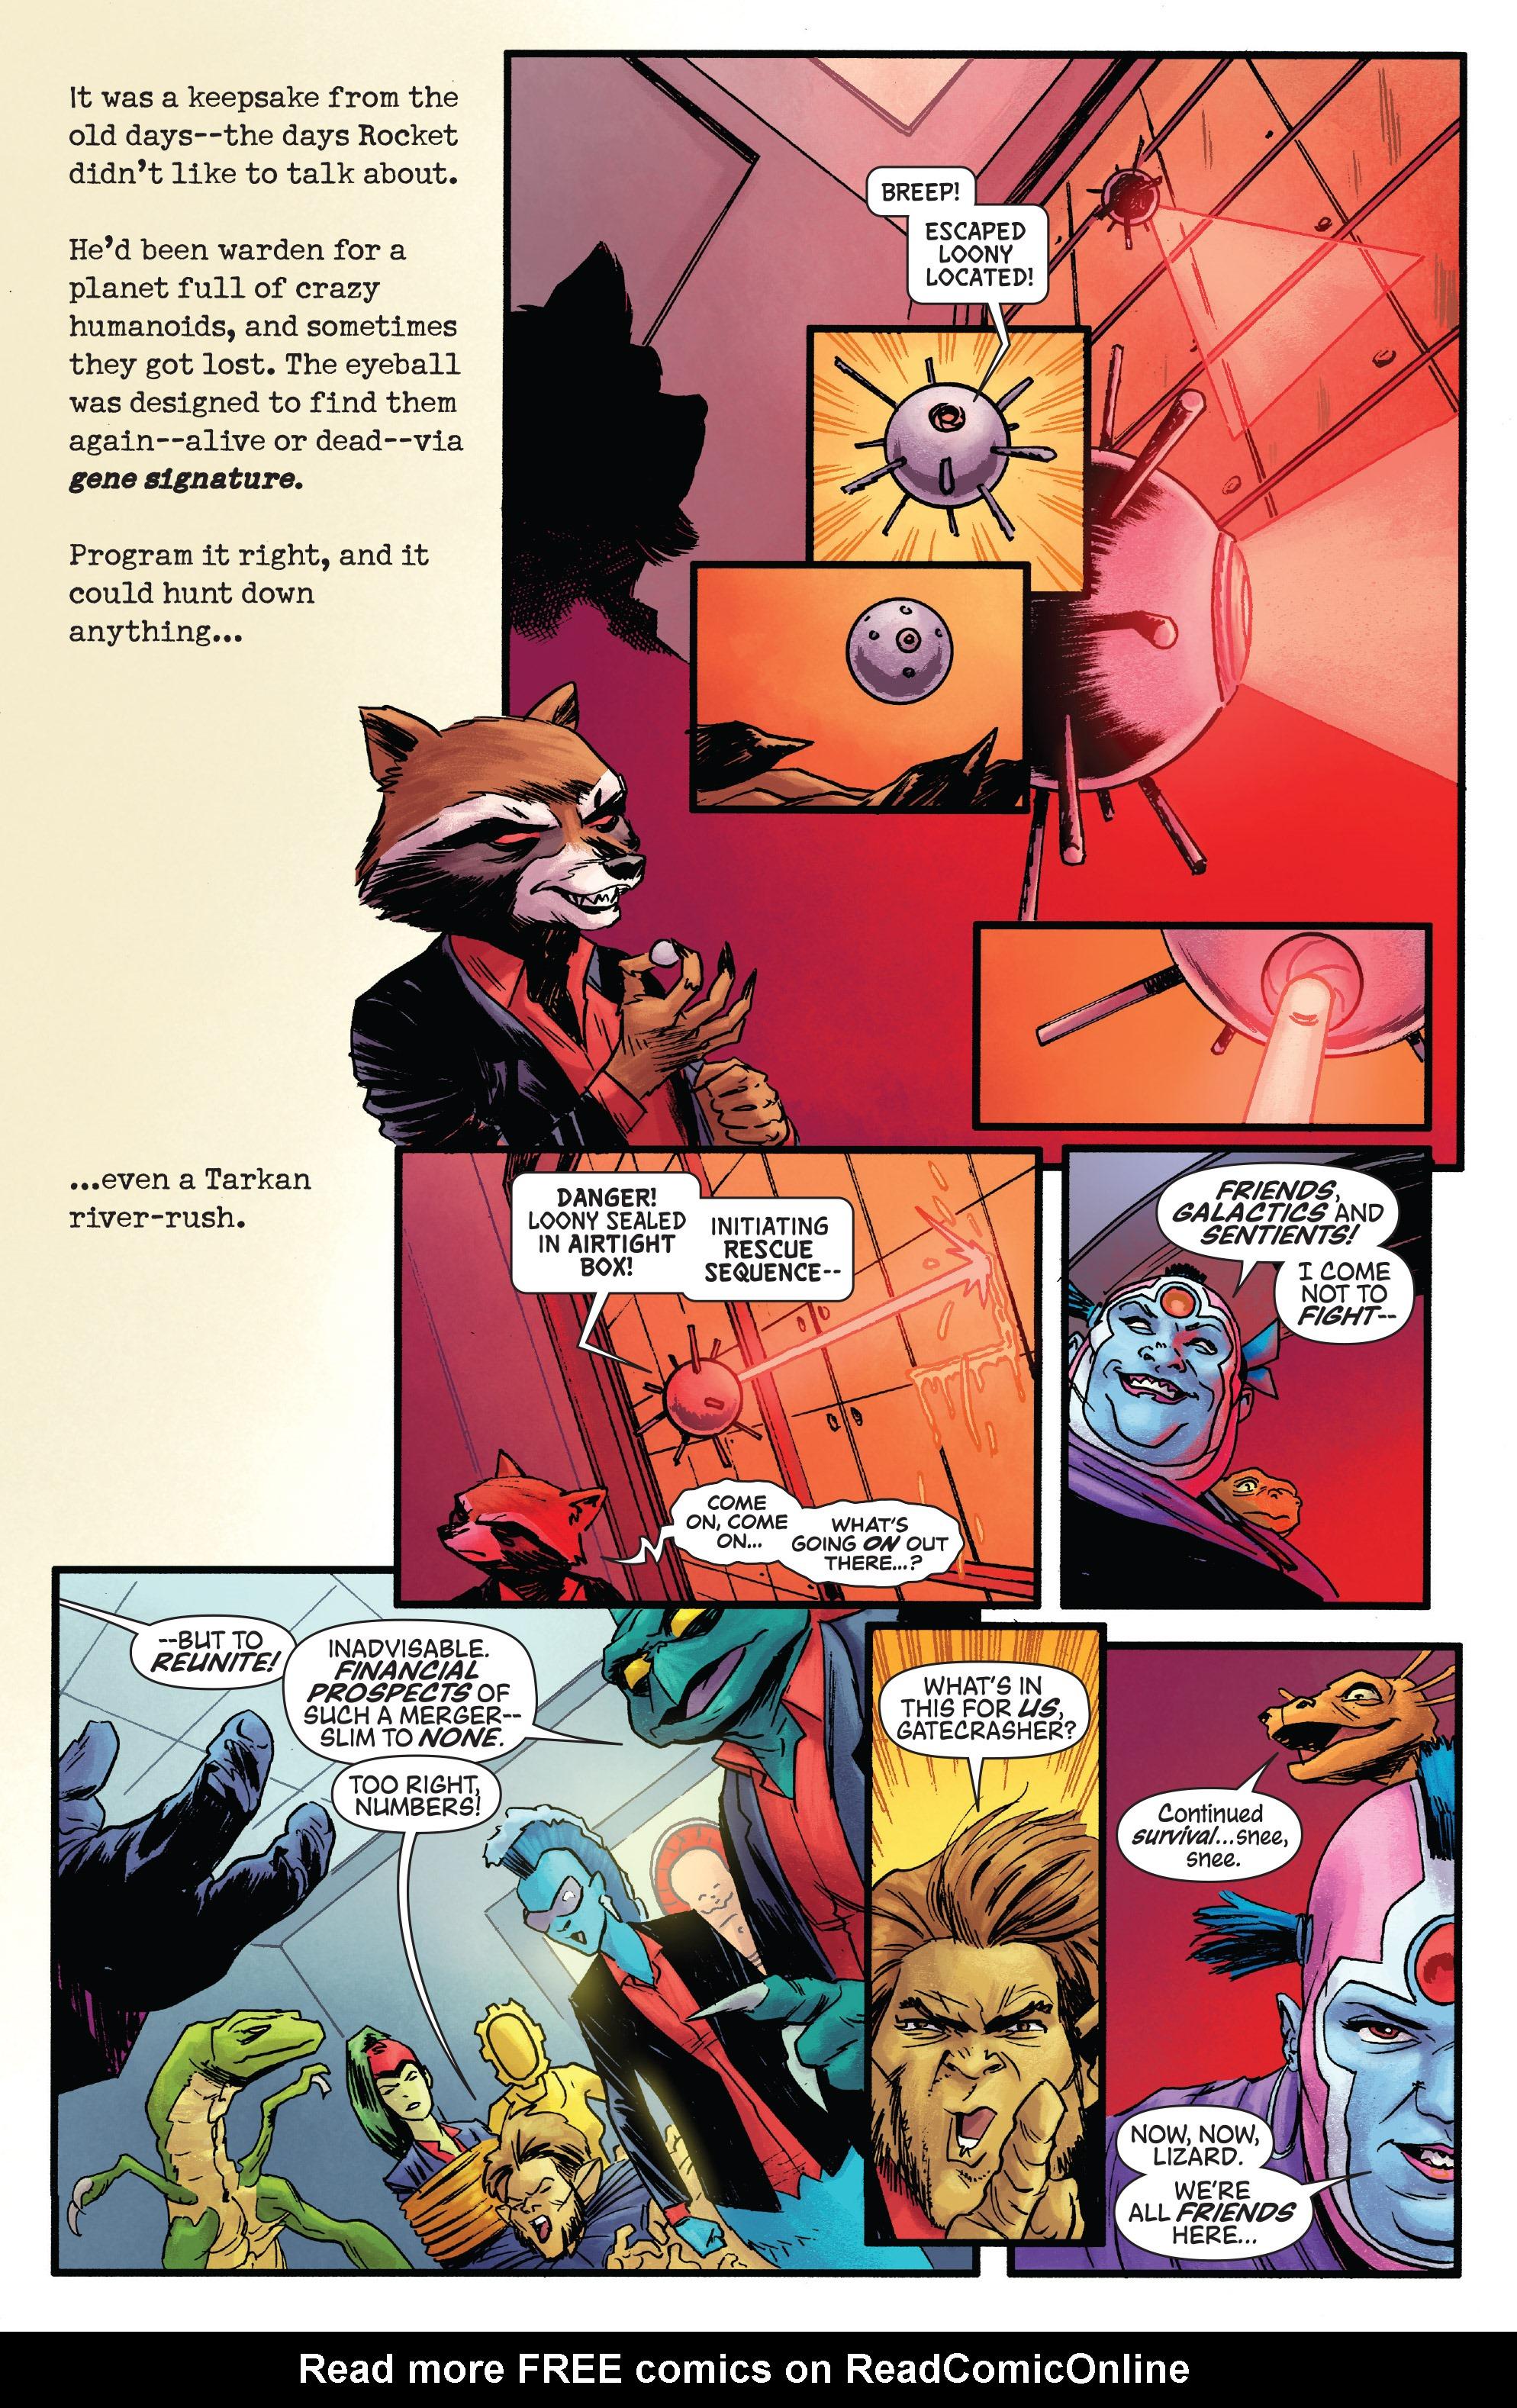 Read online Rocket comic -  Issue #2 - 10